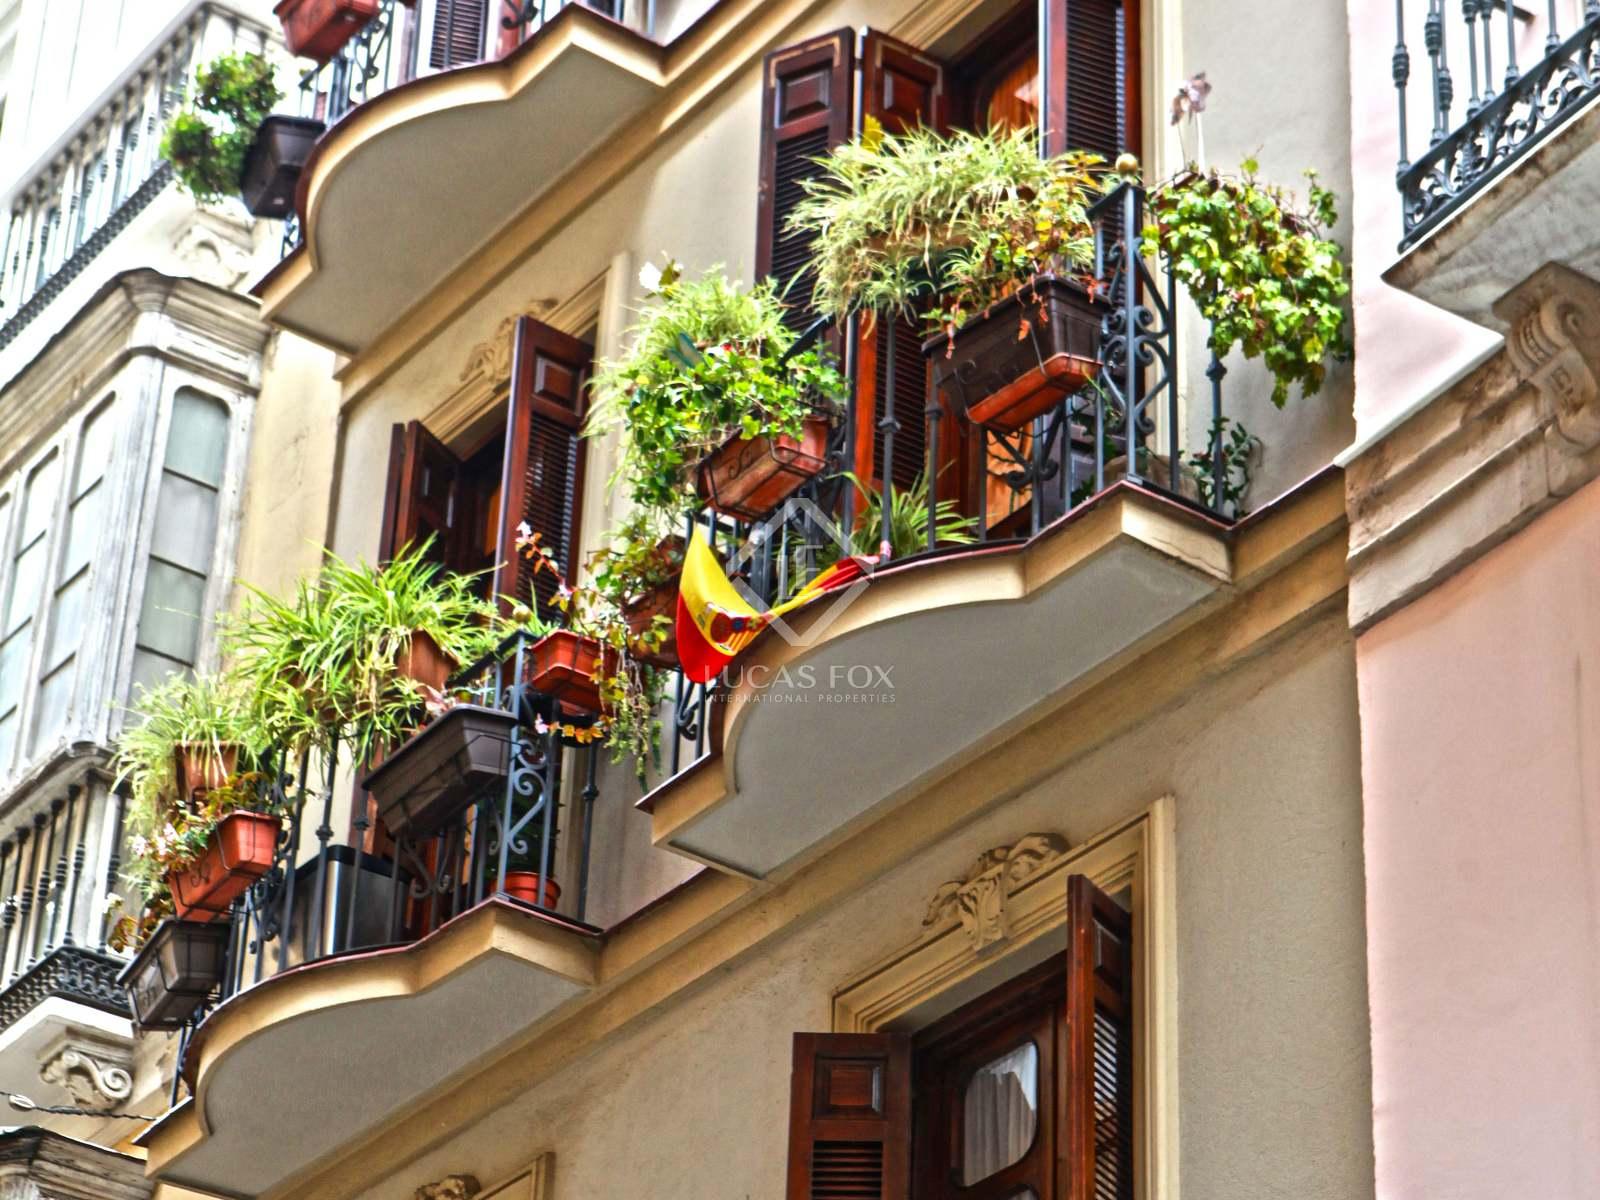 Fachada : Imagen de la vivienda